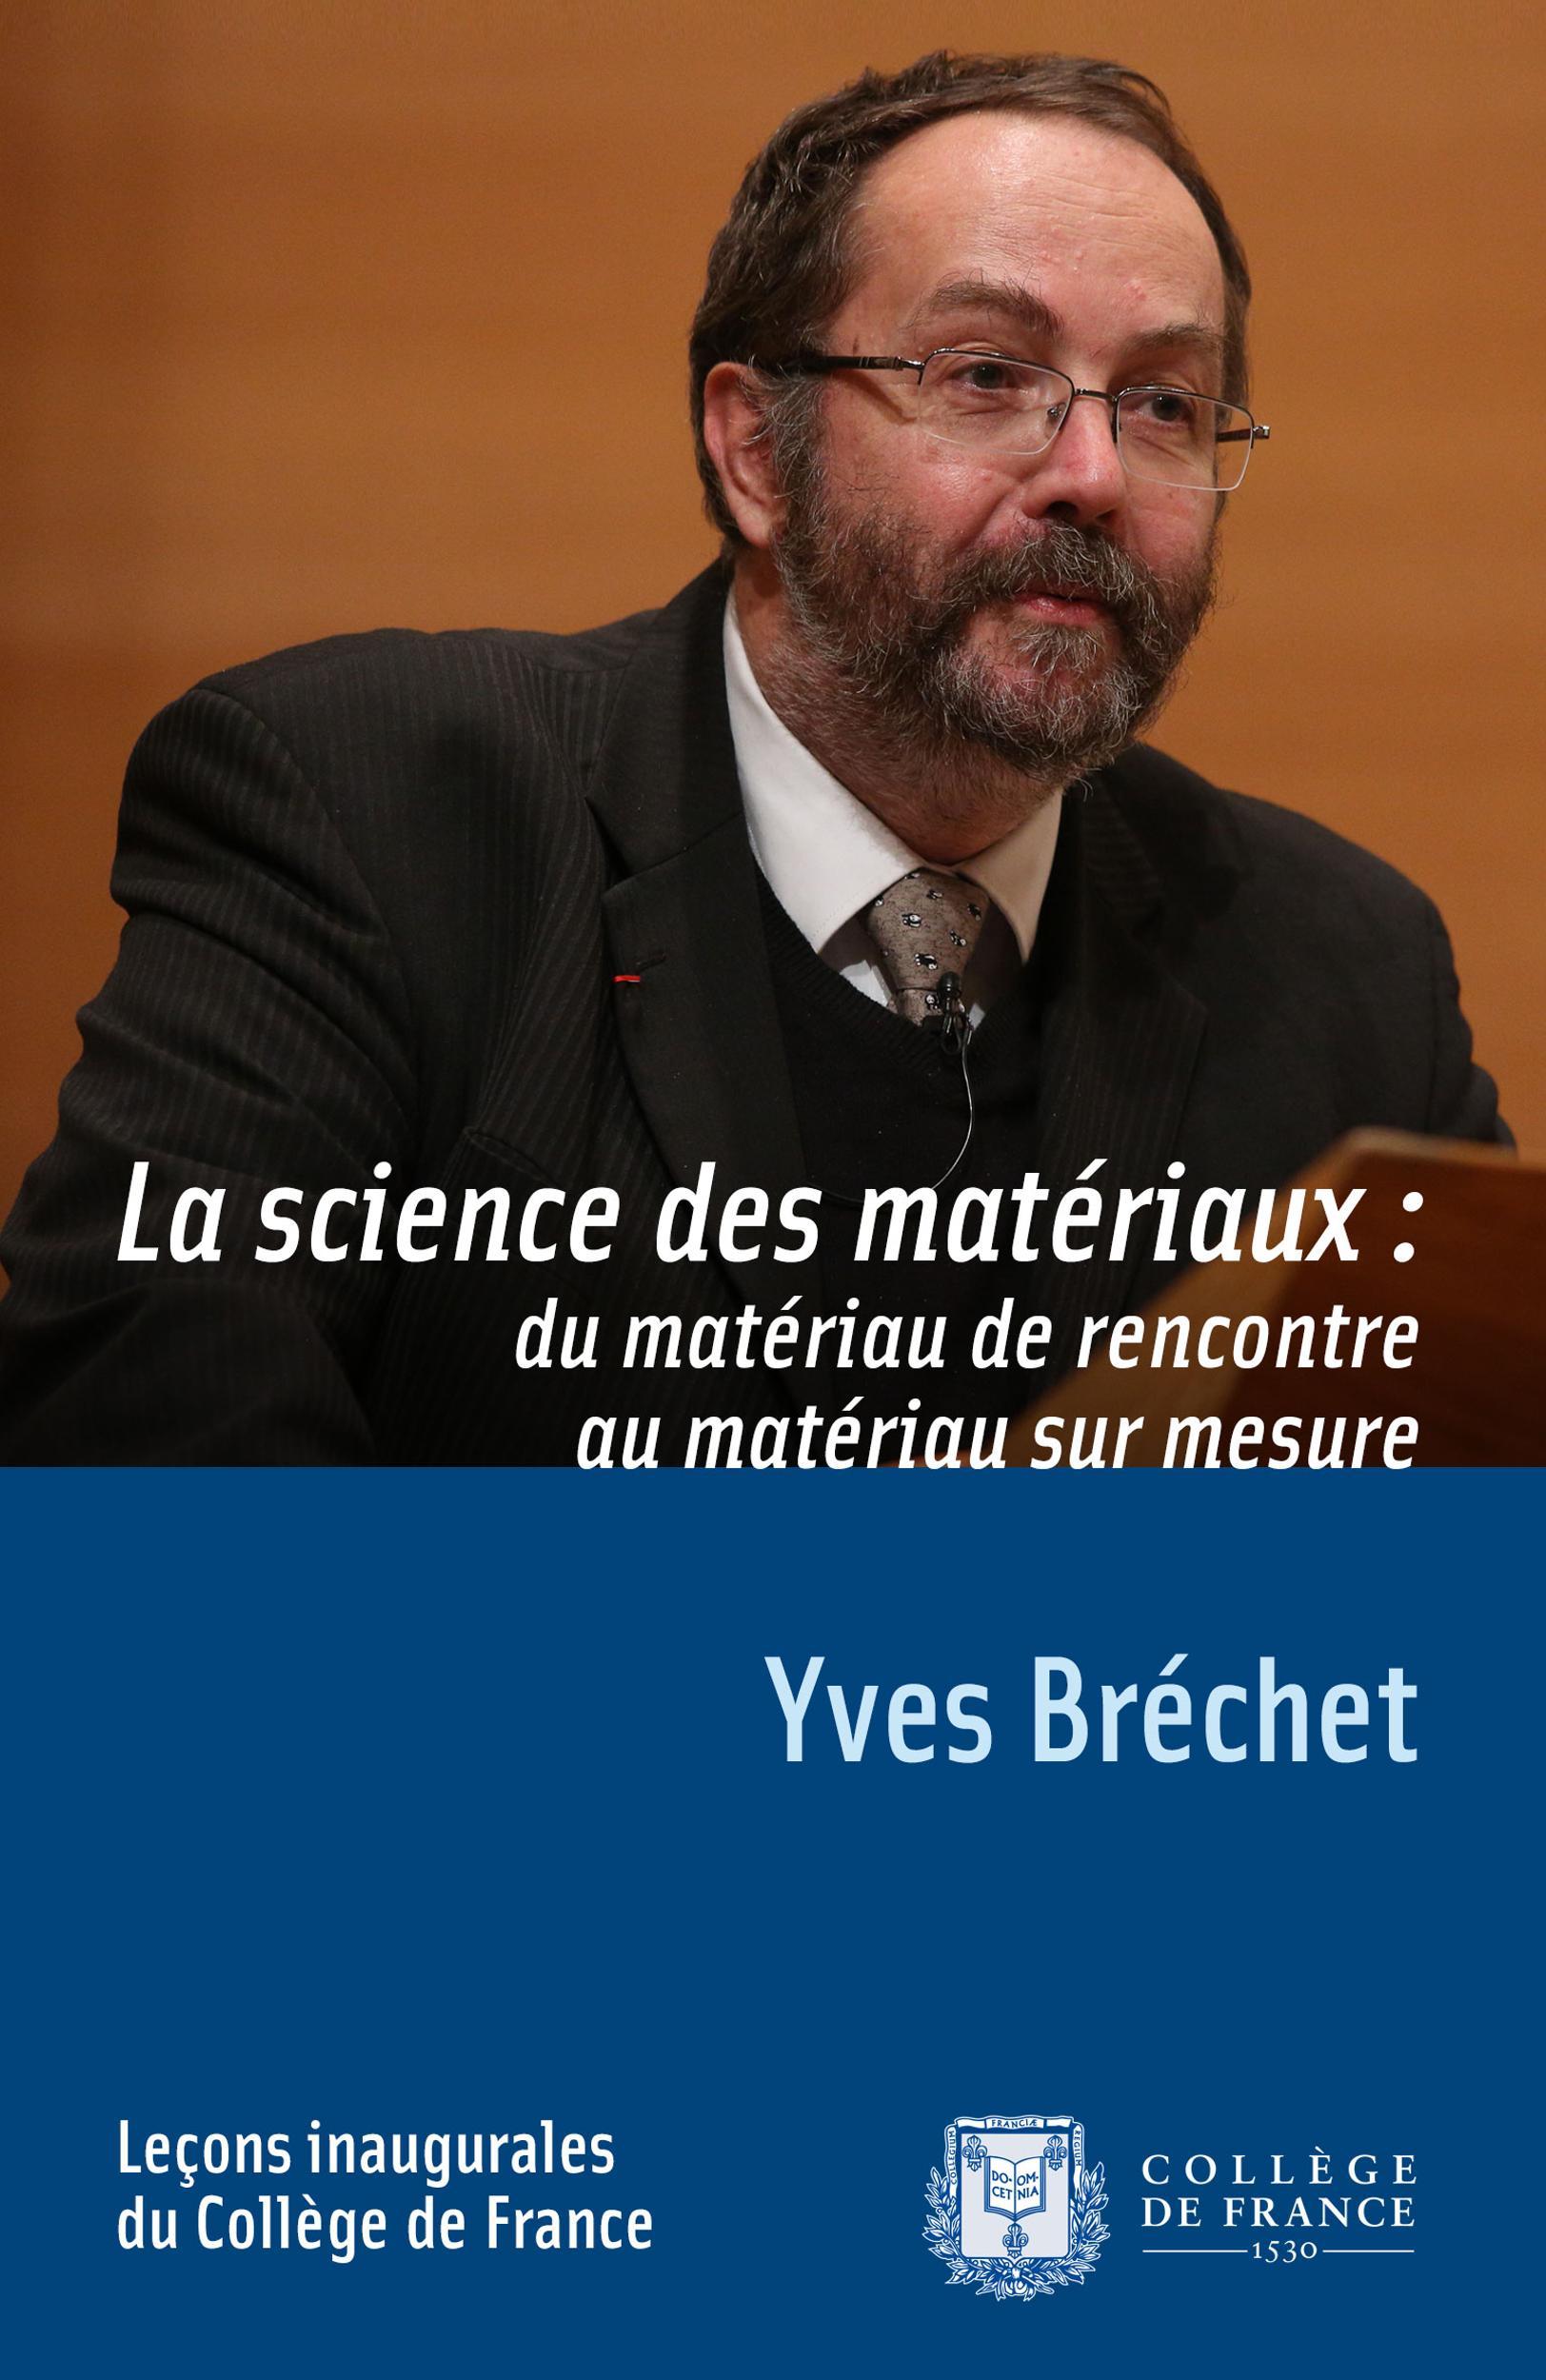 La science des matériaux: du matériau de rencontre au matériau sur mesure, LEÇON INAUGURALE PRONONCÉE LE JEUDI 17JANVIER2013